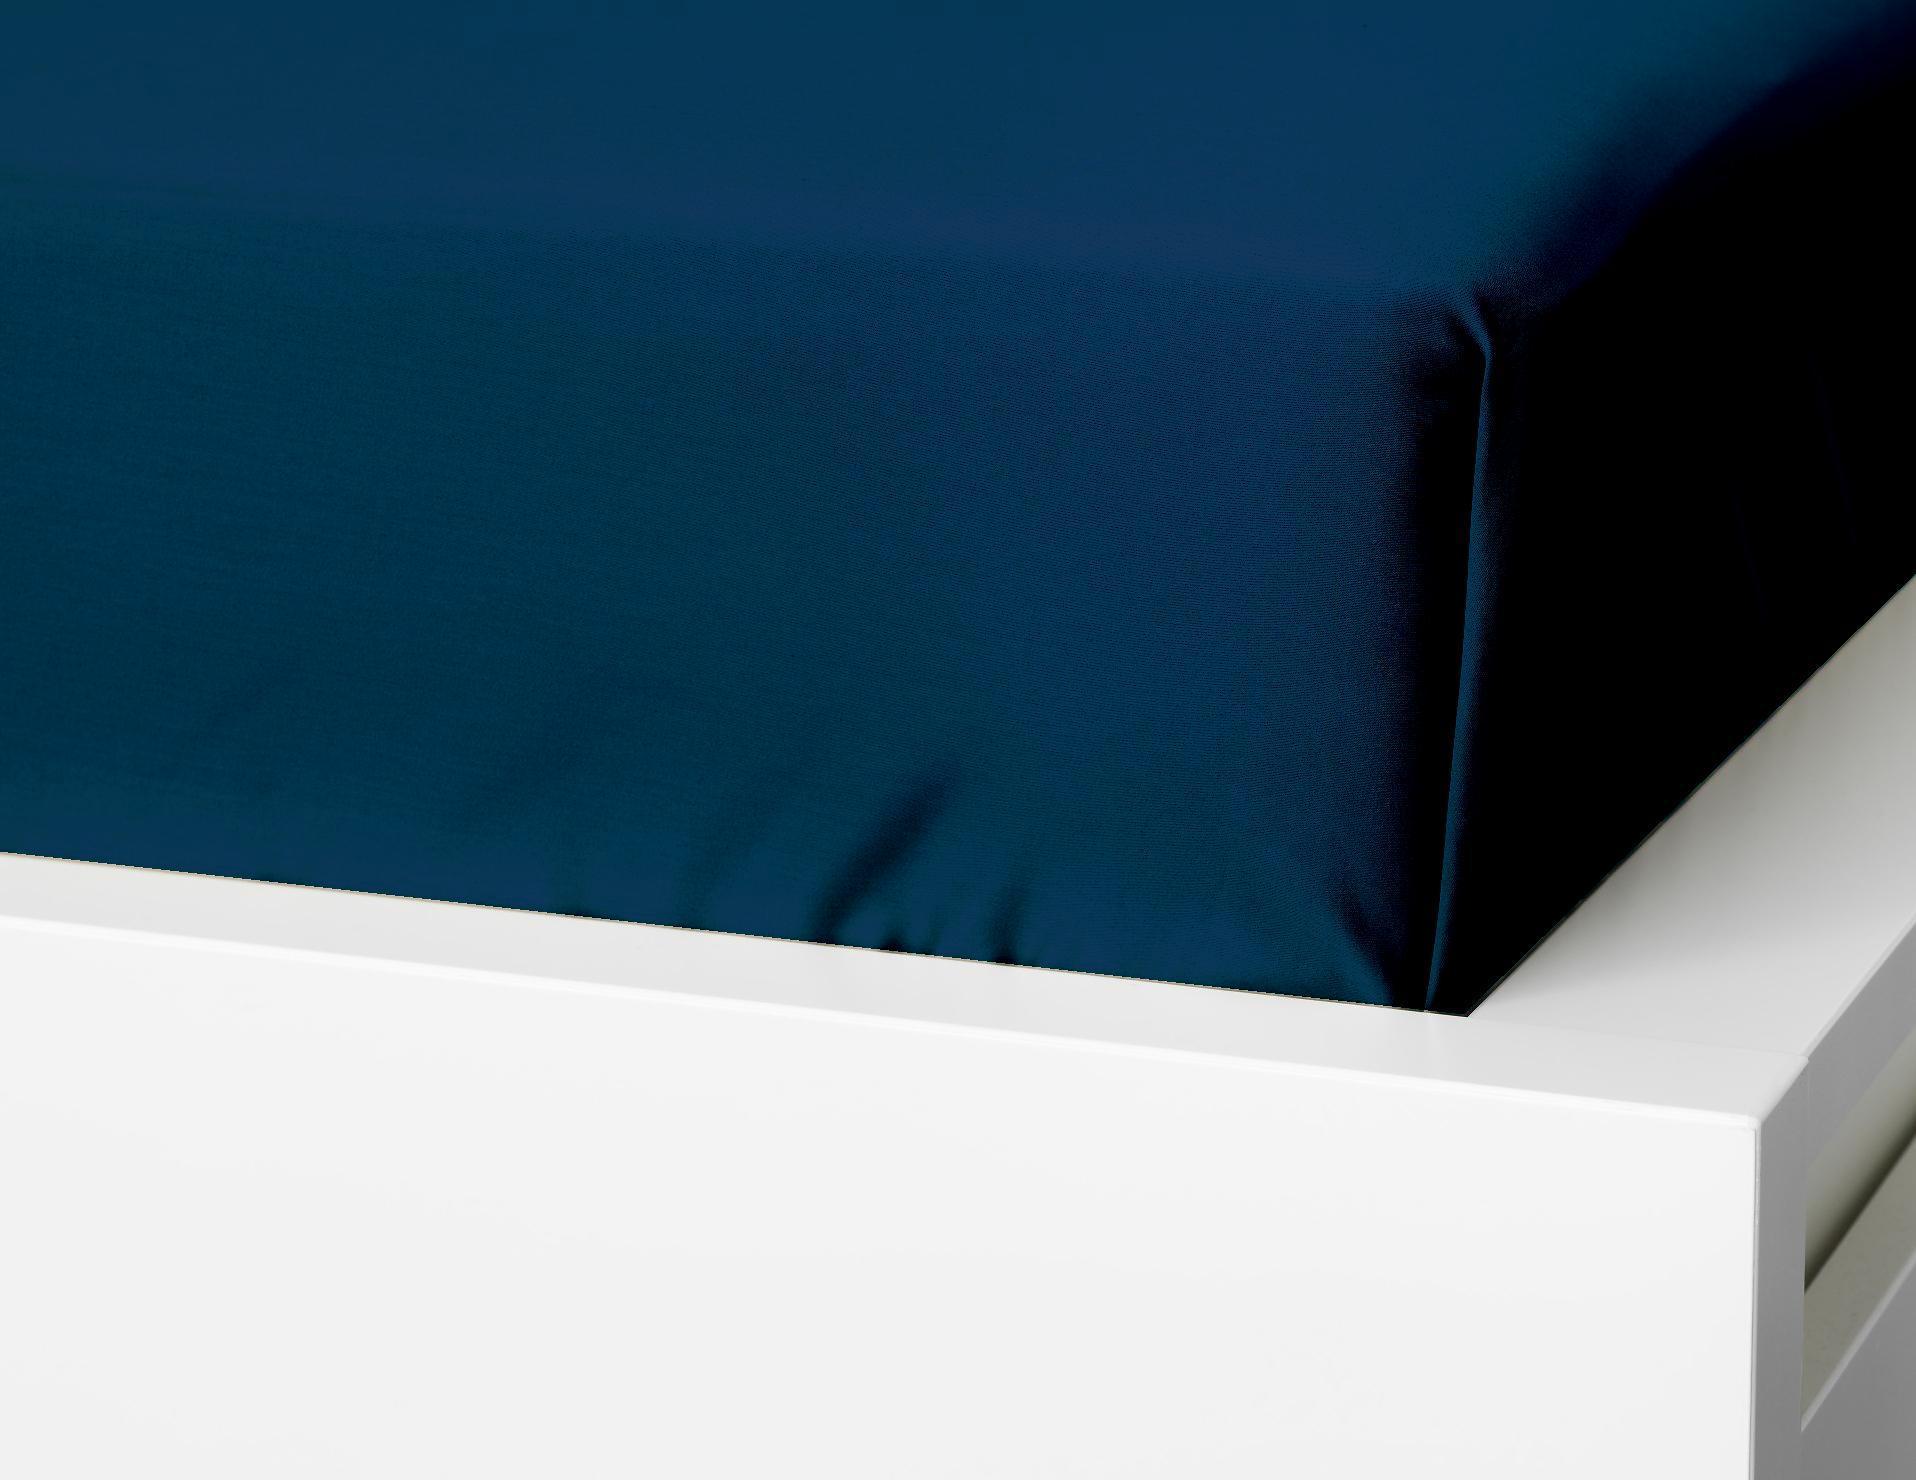 Глубокий синий